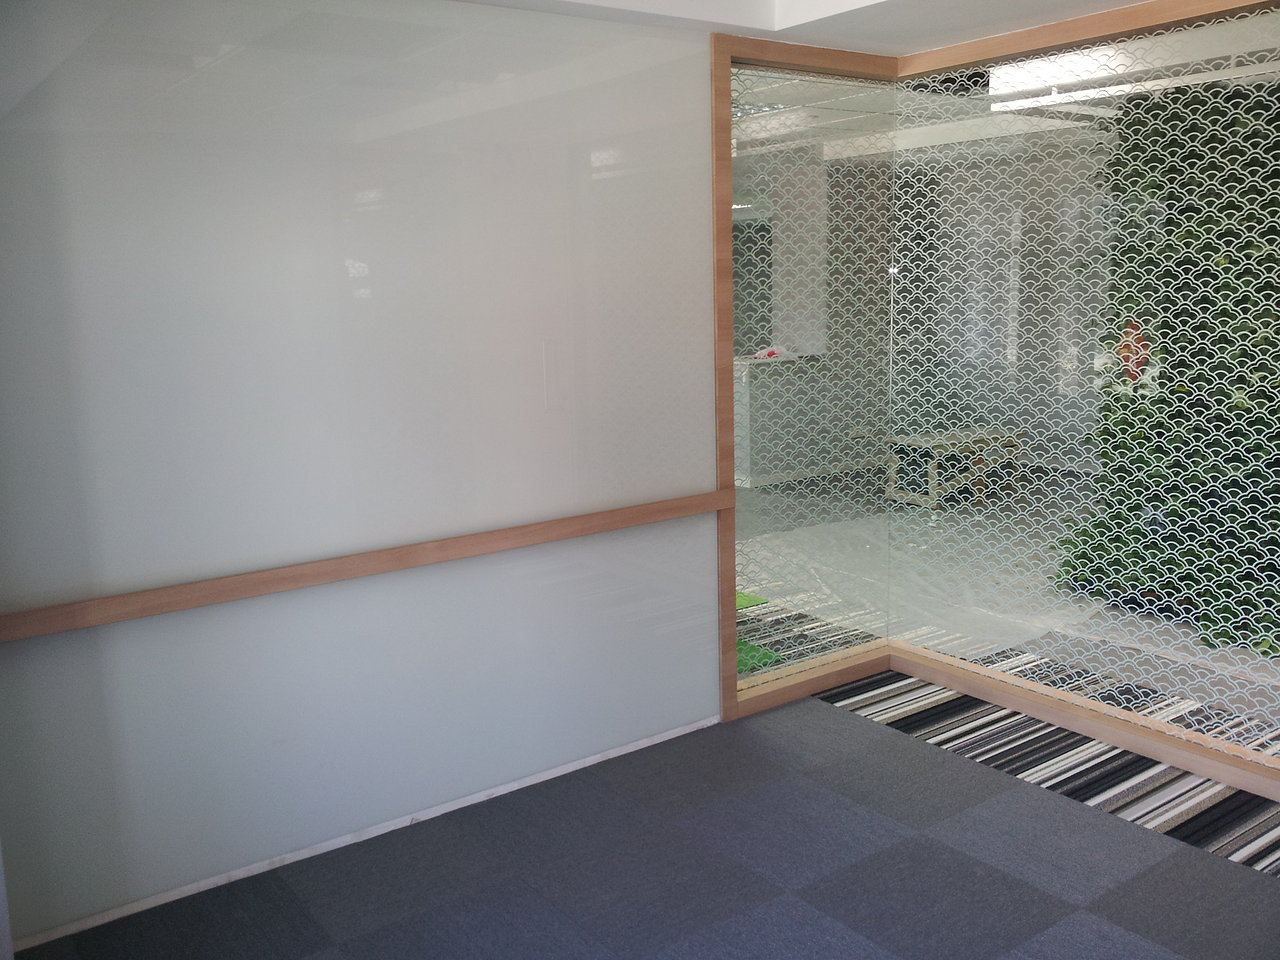 geam color folosit ca tabla de scris